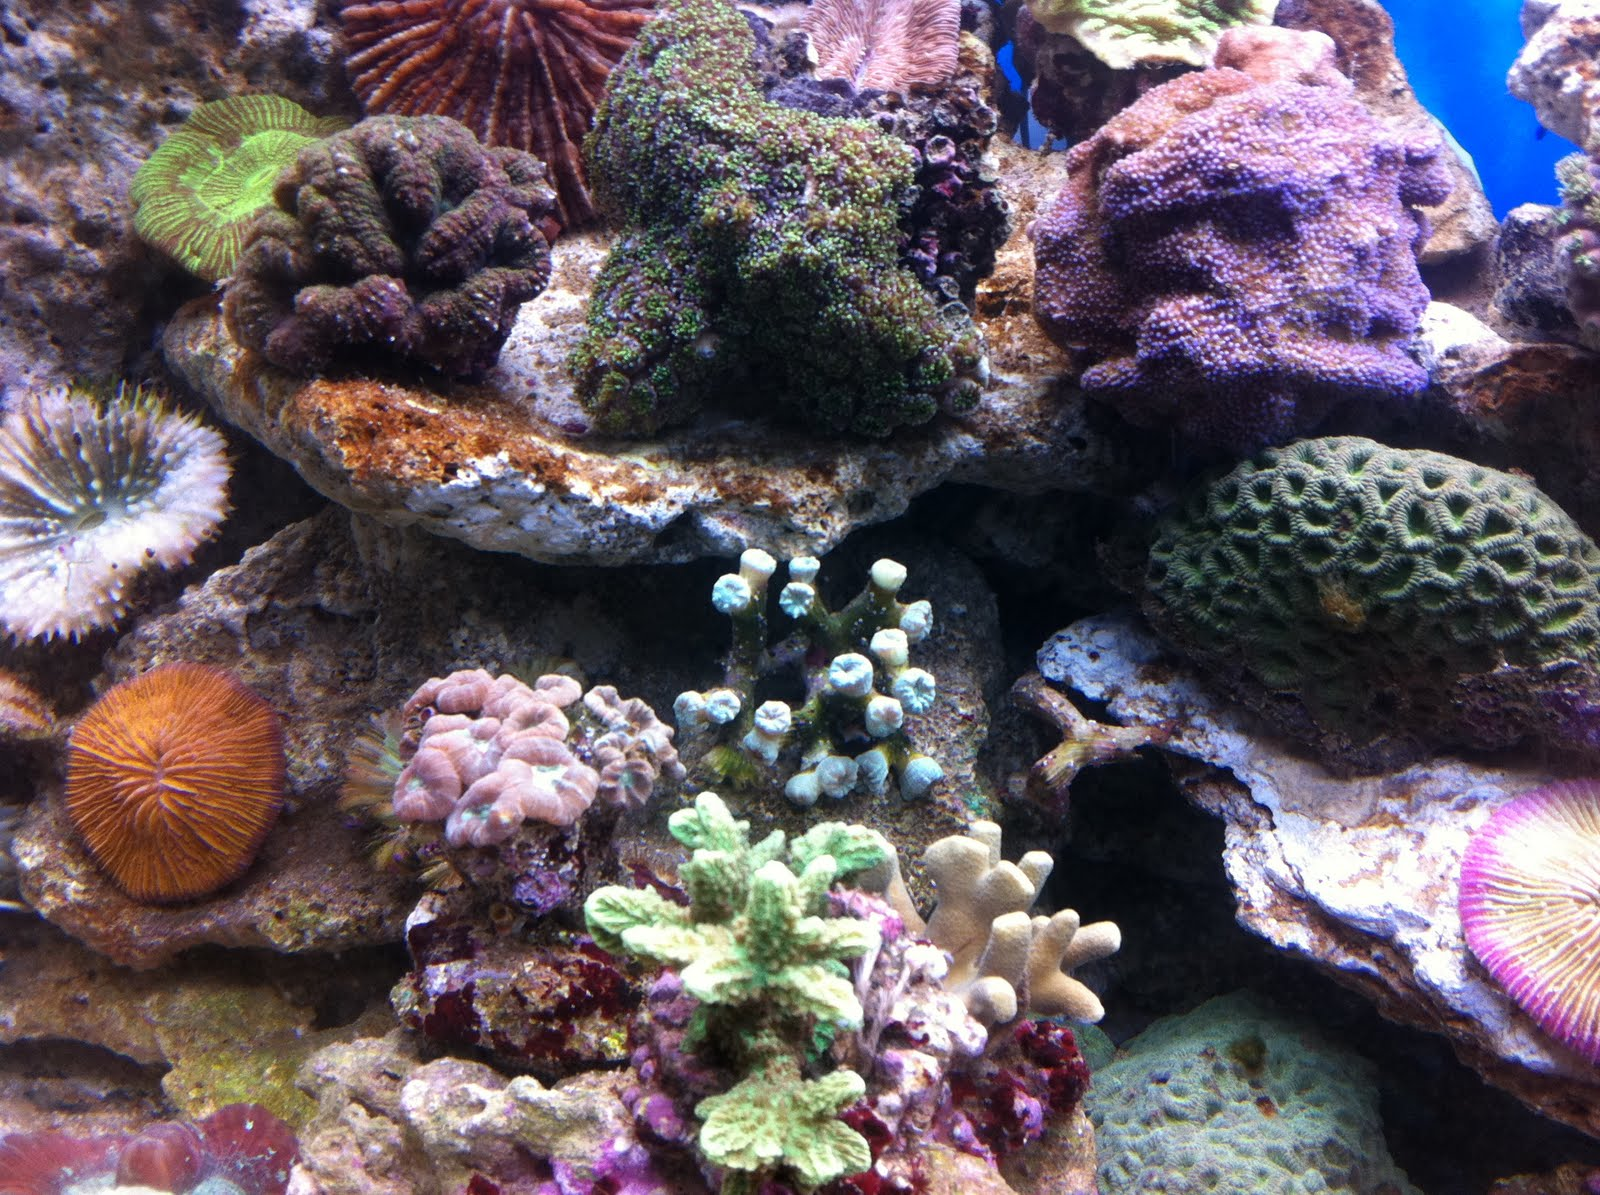 Animaliamo acquario marino 1 fase allestimento struttura for Acquario marino